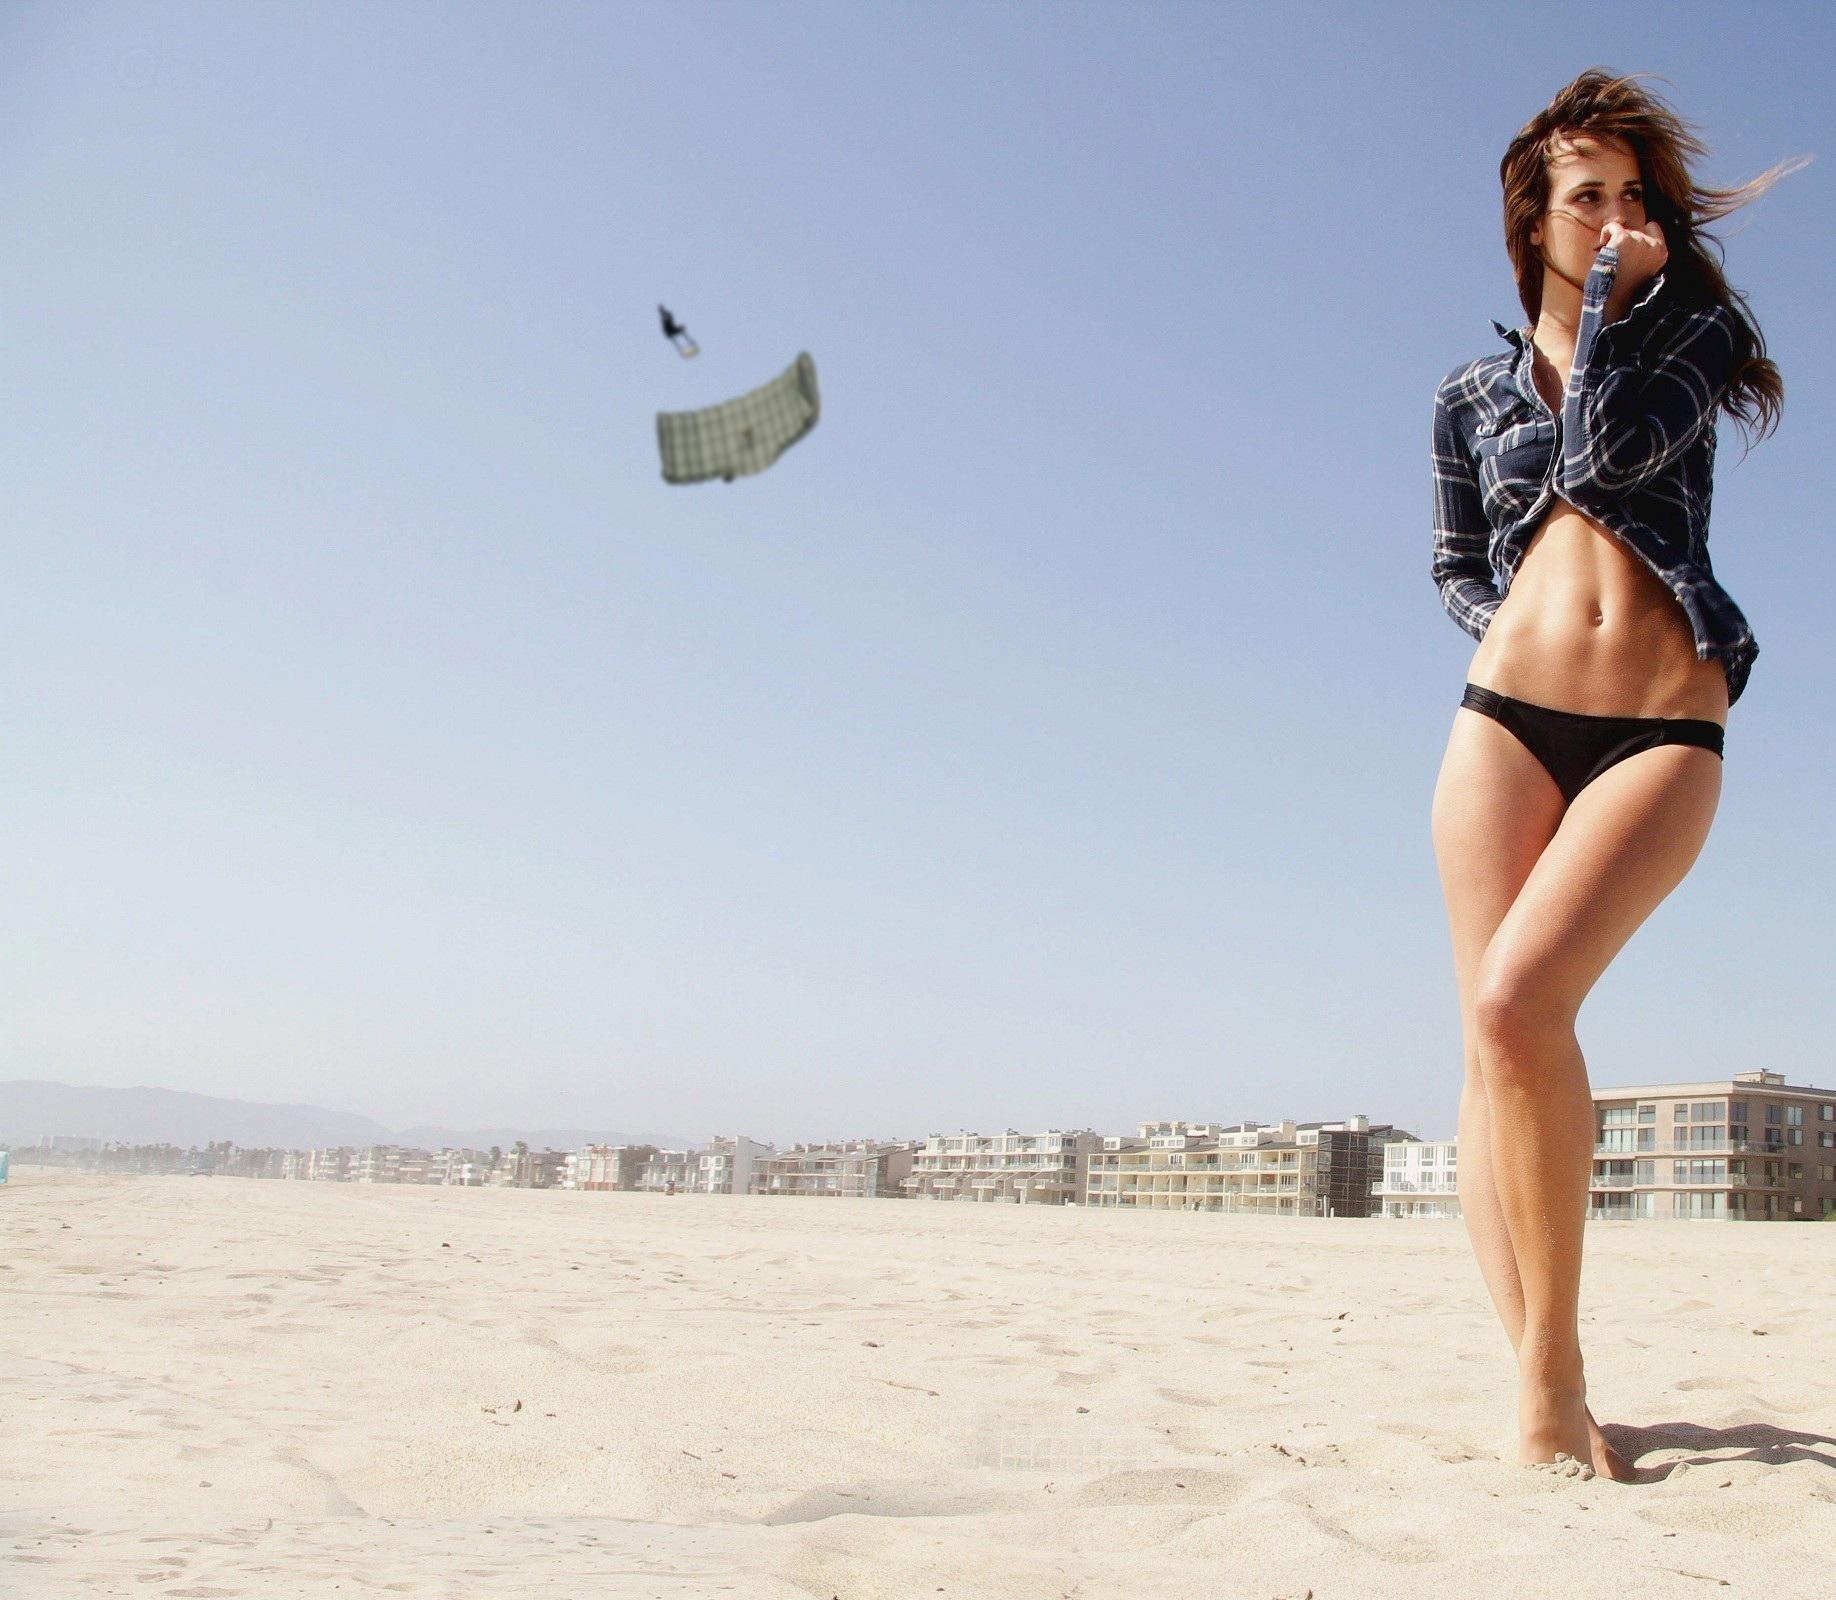 parachute déconcentré par une fille